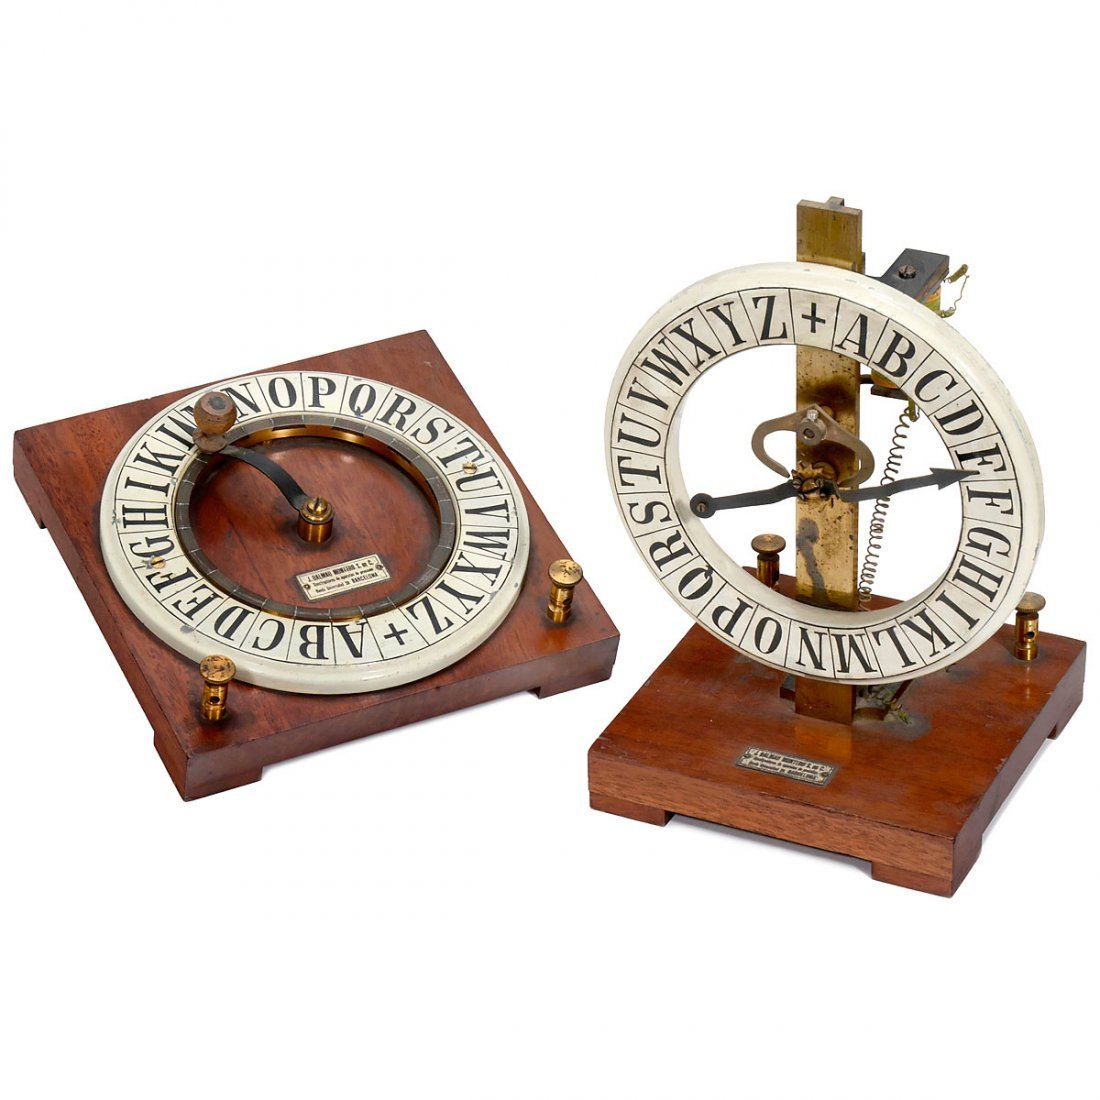 Electromagnetic Needle Telegraph, c. 1900